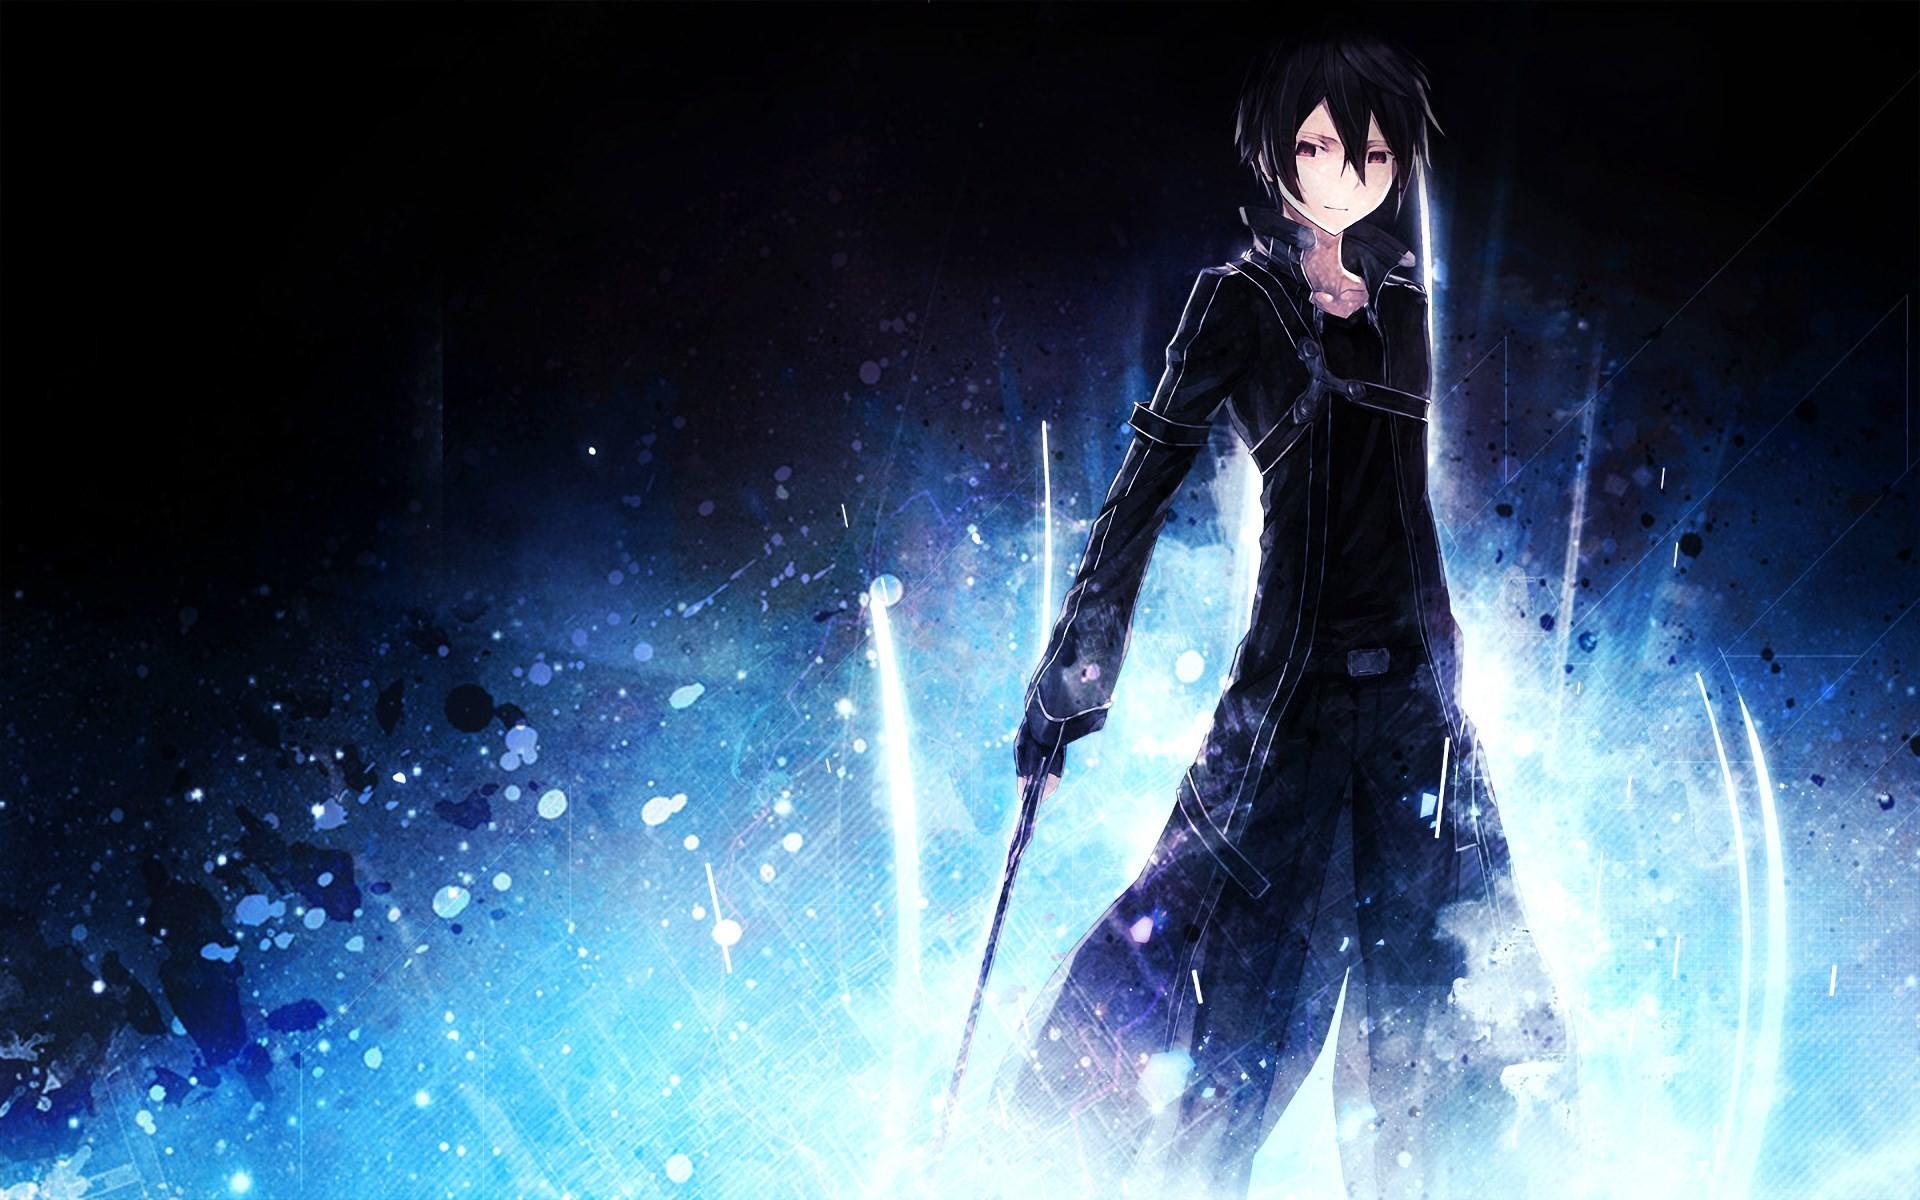 Sword Art Online Wallpaper HD (80+ images)